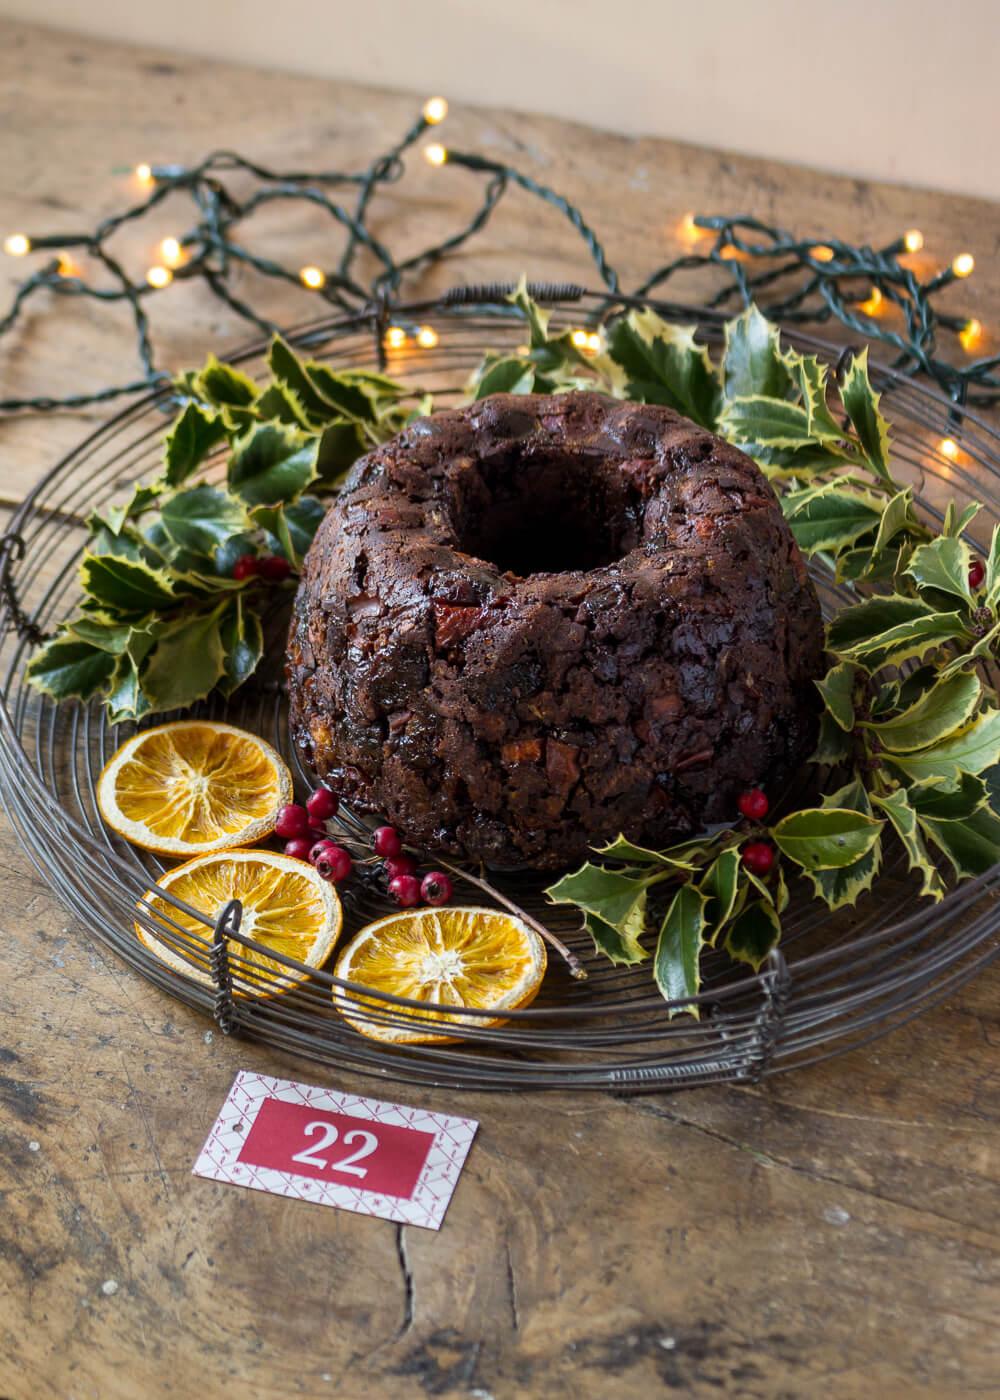 Calendario dell'Avvento - Christmas pudding vegan - Un Natale di tradizioni - Lily&SageDesign